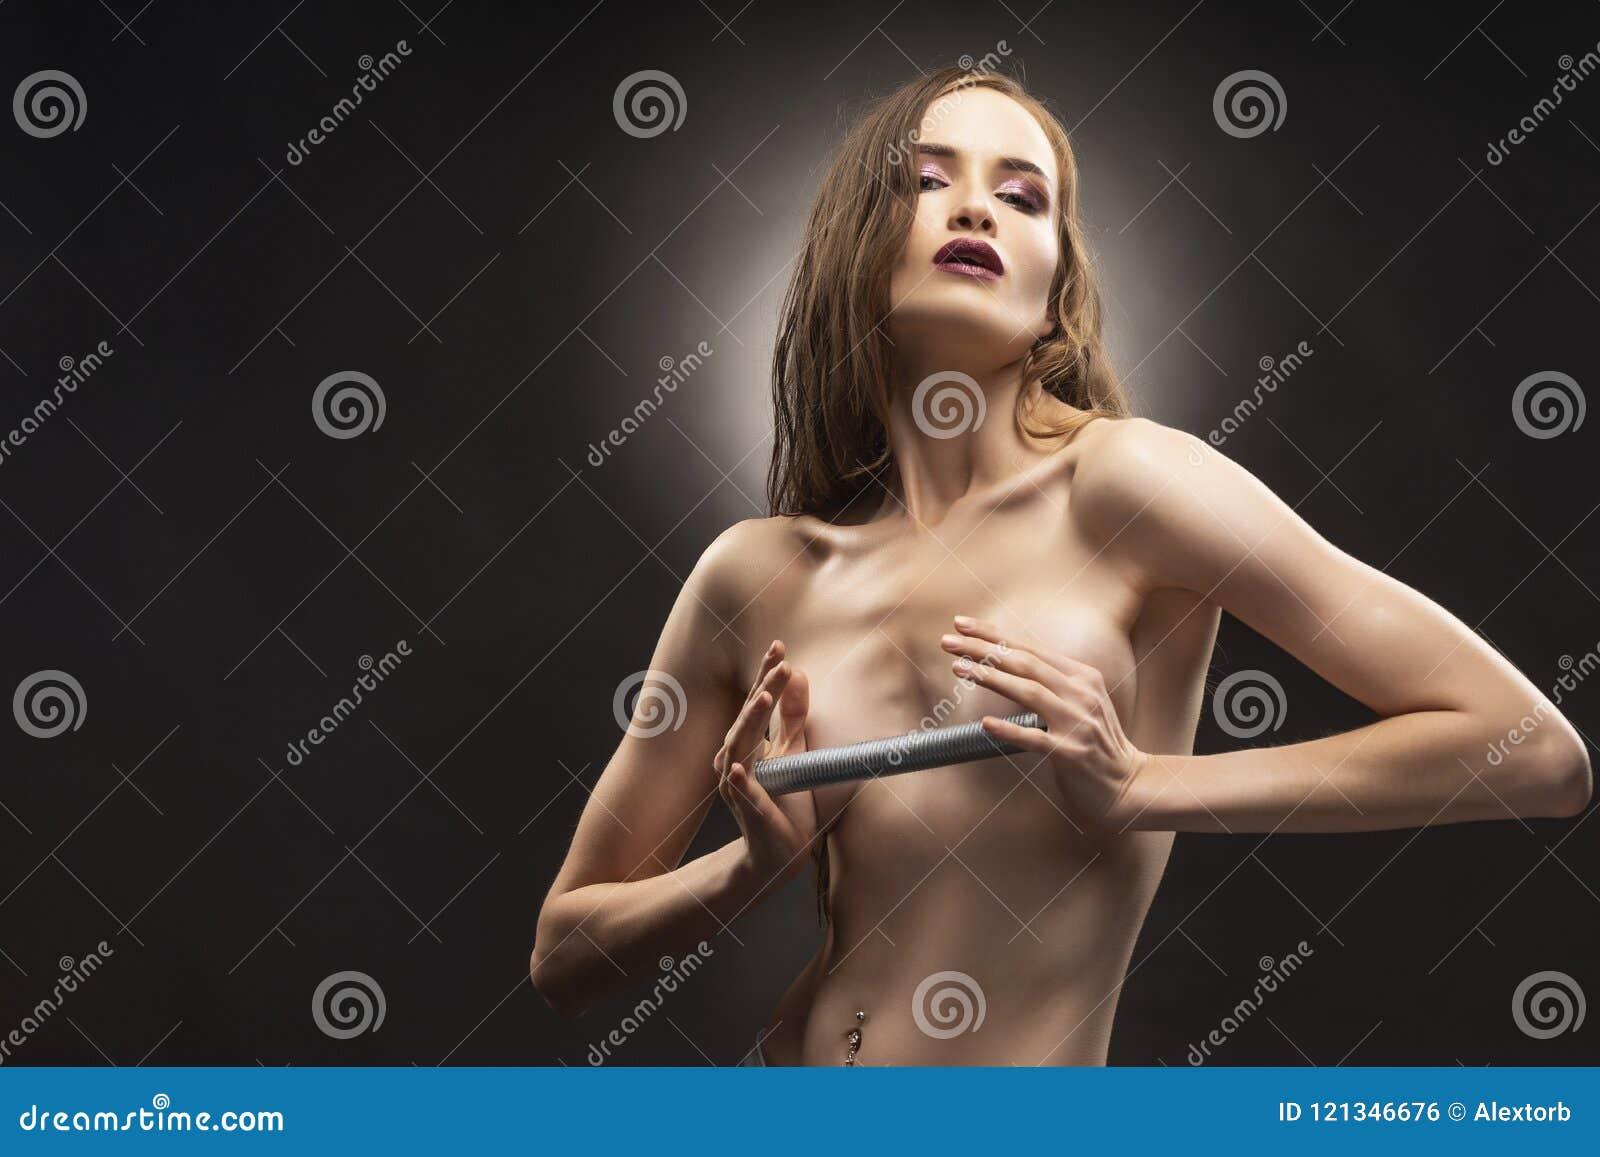 beau modèle nu gratuit lesbienne histoire porno